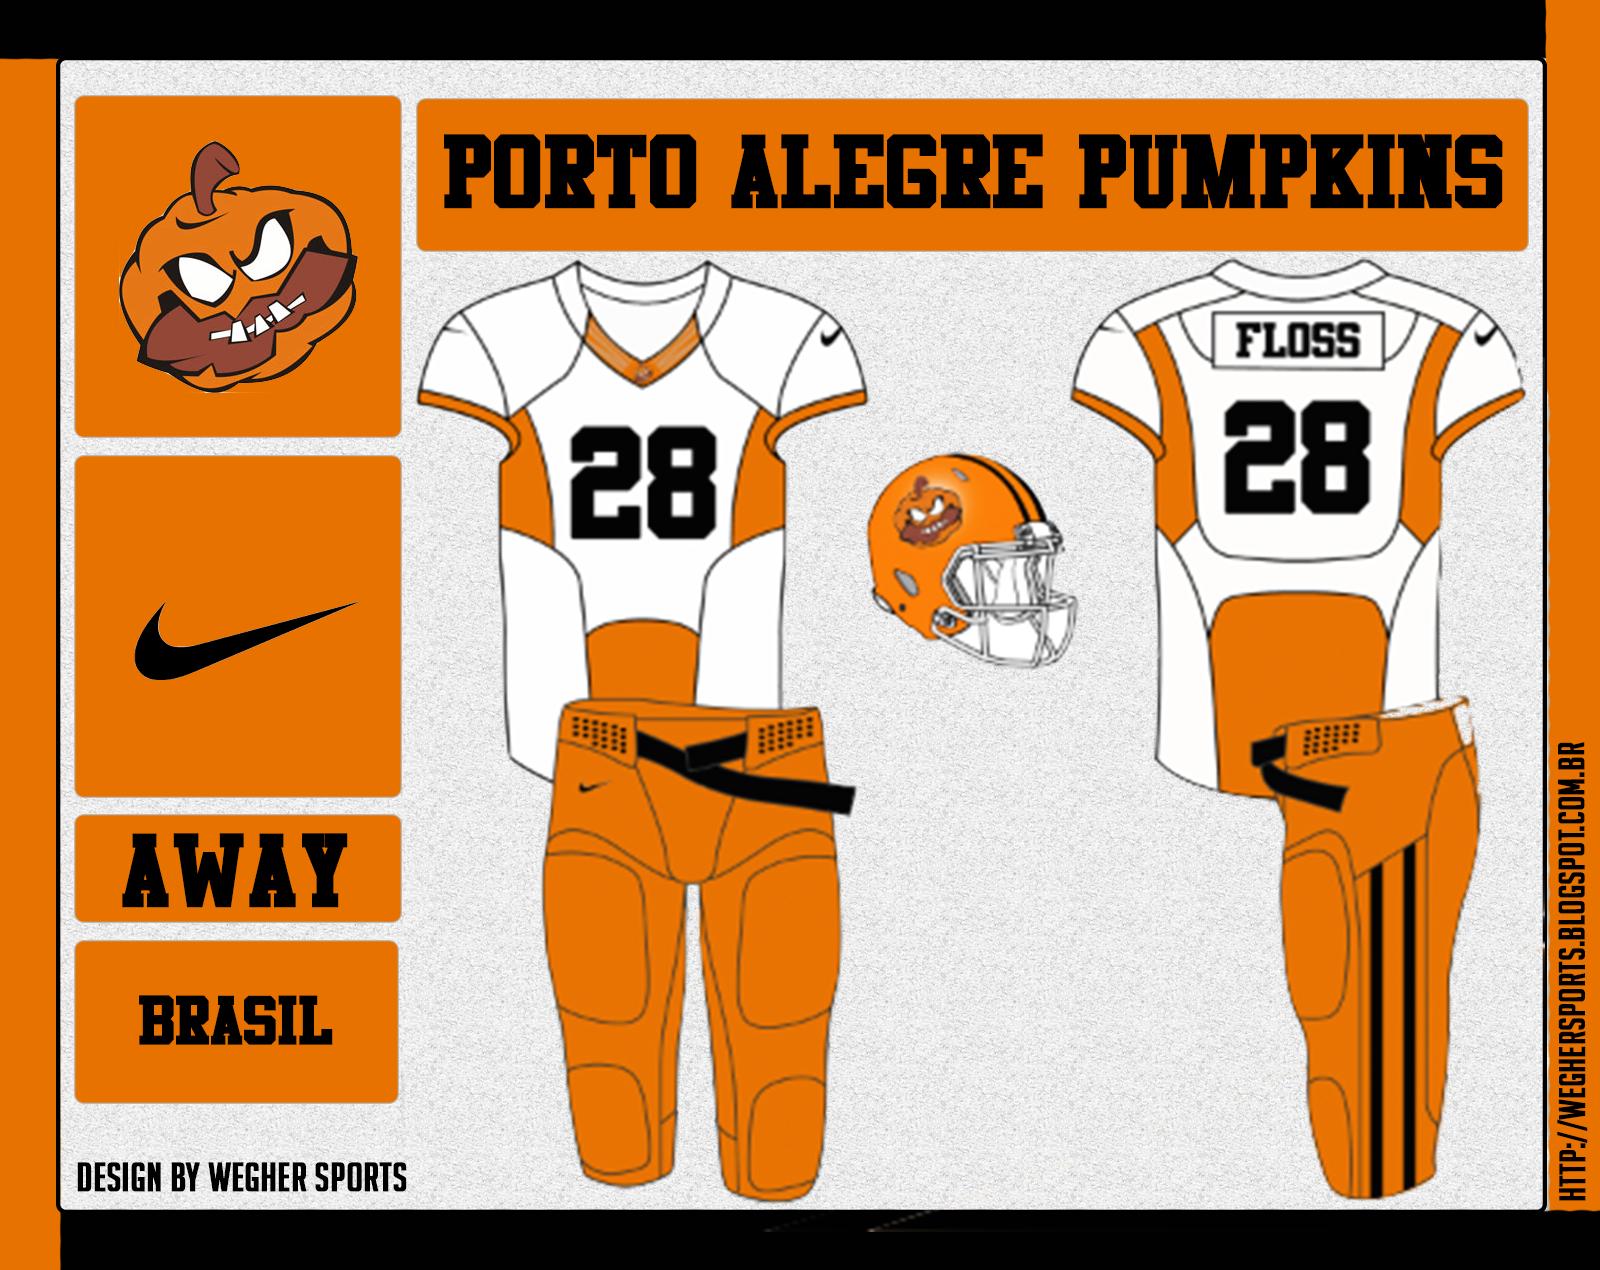 aa7aa94d3a 17 Futebol Americano - Porto Alegre Pumpkins